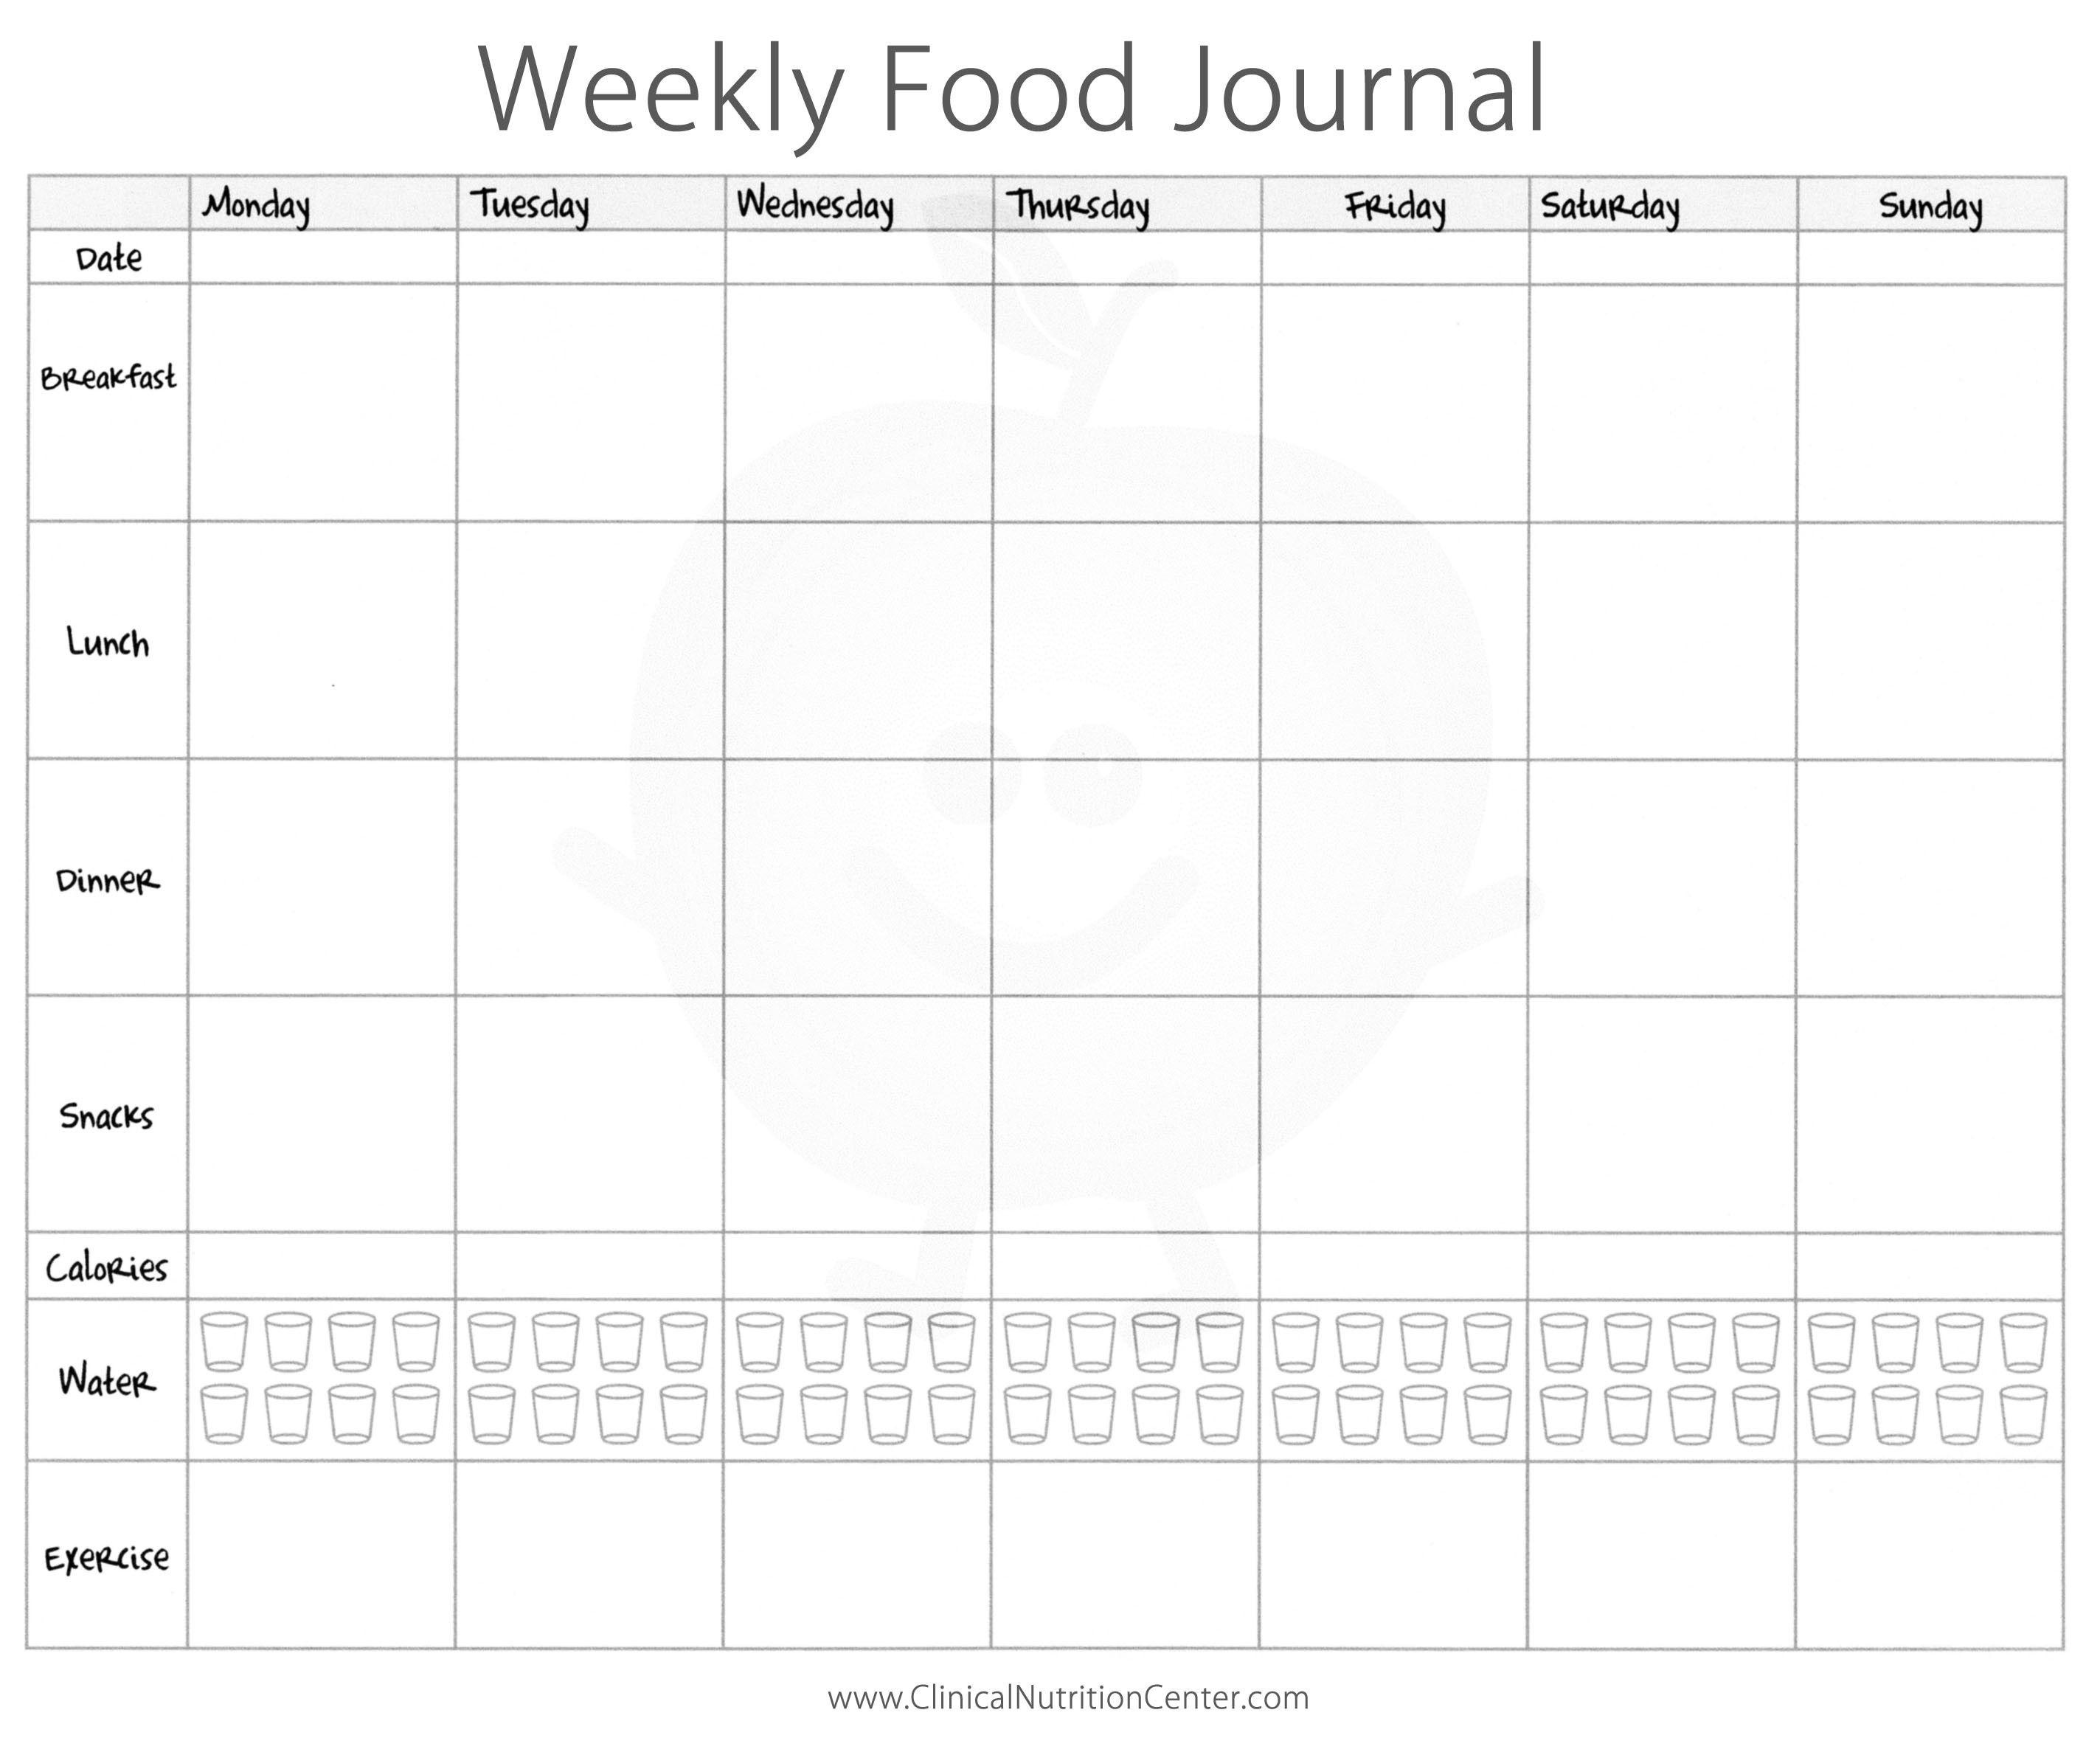 Weekly Food Journal Printable